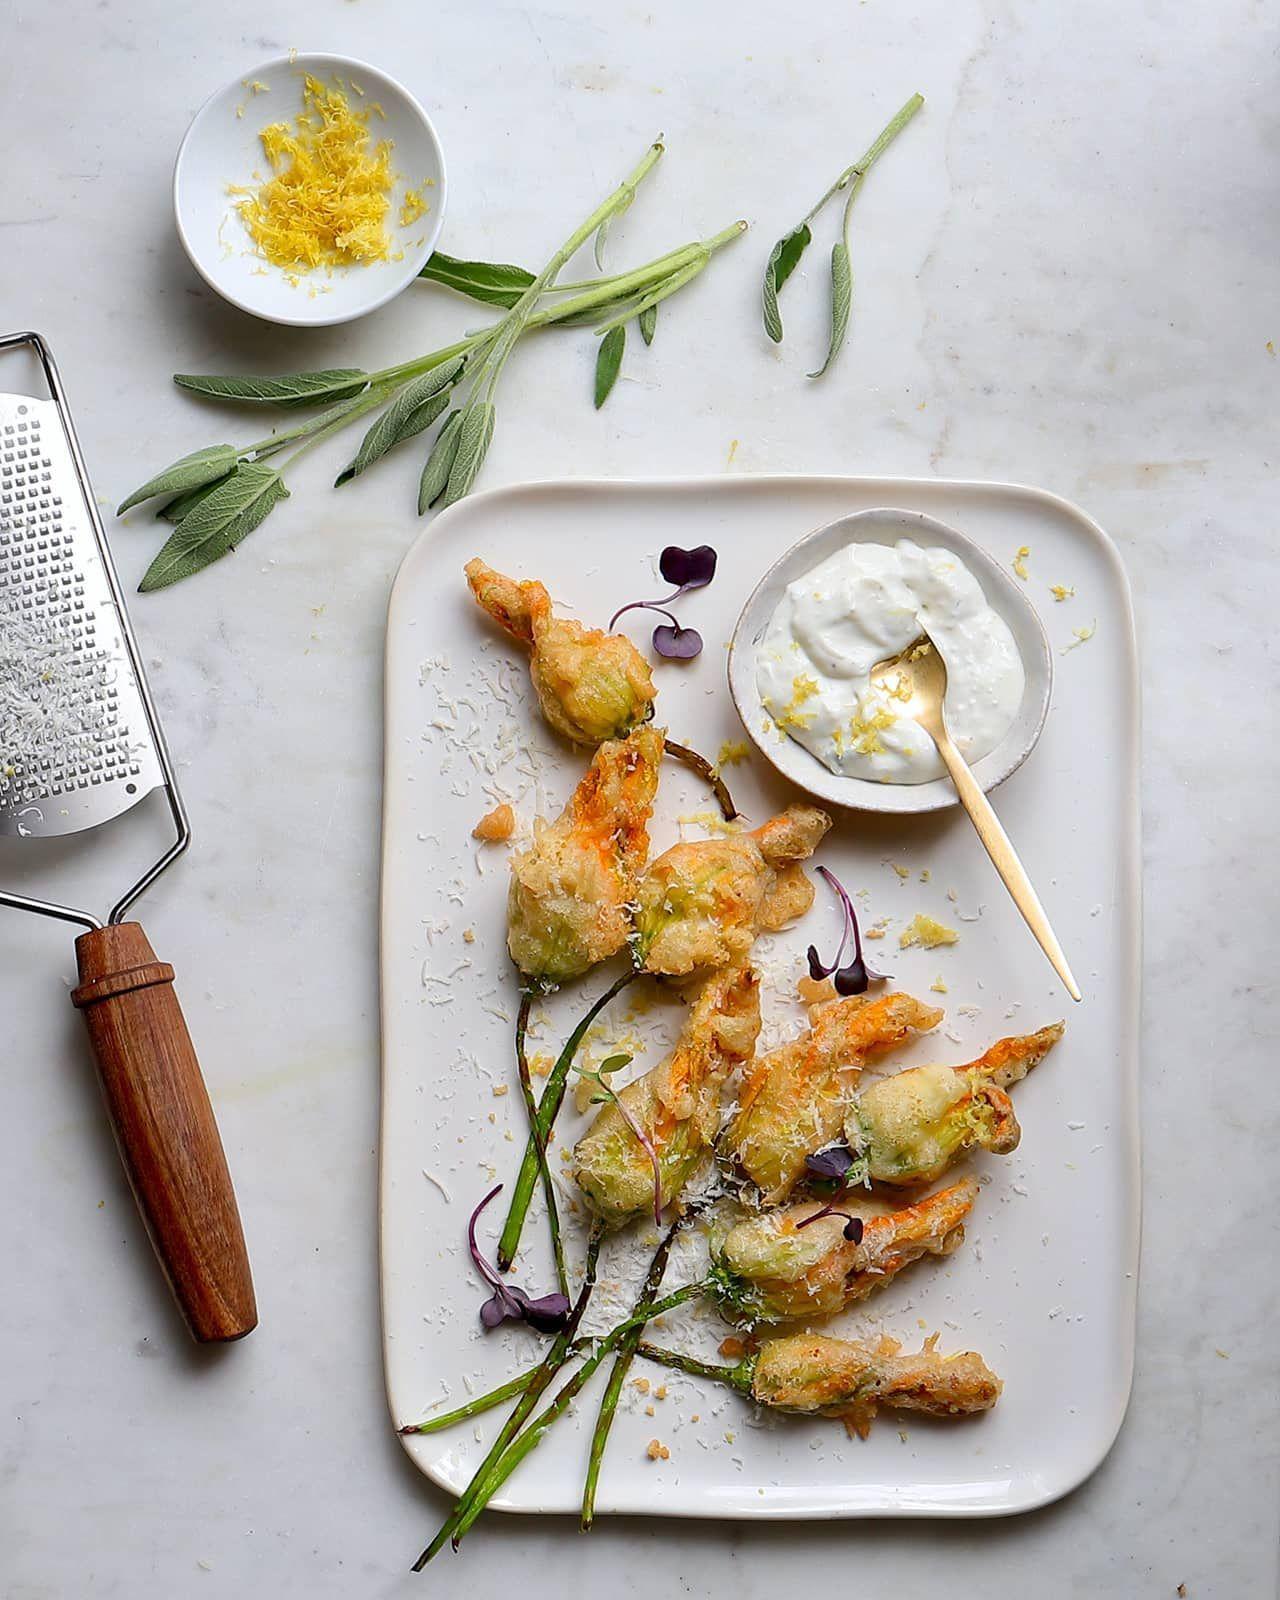 Fleur De Courgette Comment Cuisiner Cet Aliment Tendance Qui Affole Instagram En 2020 Comment Cuisiner Fleurs De Courgettes Idee Recette